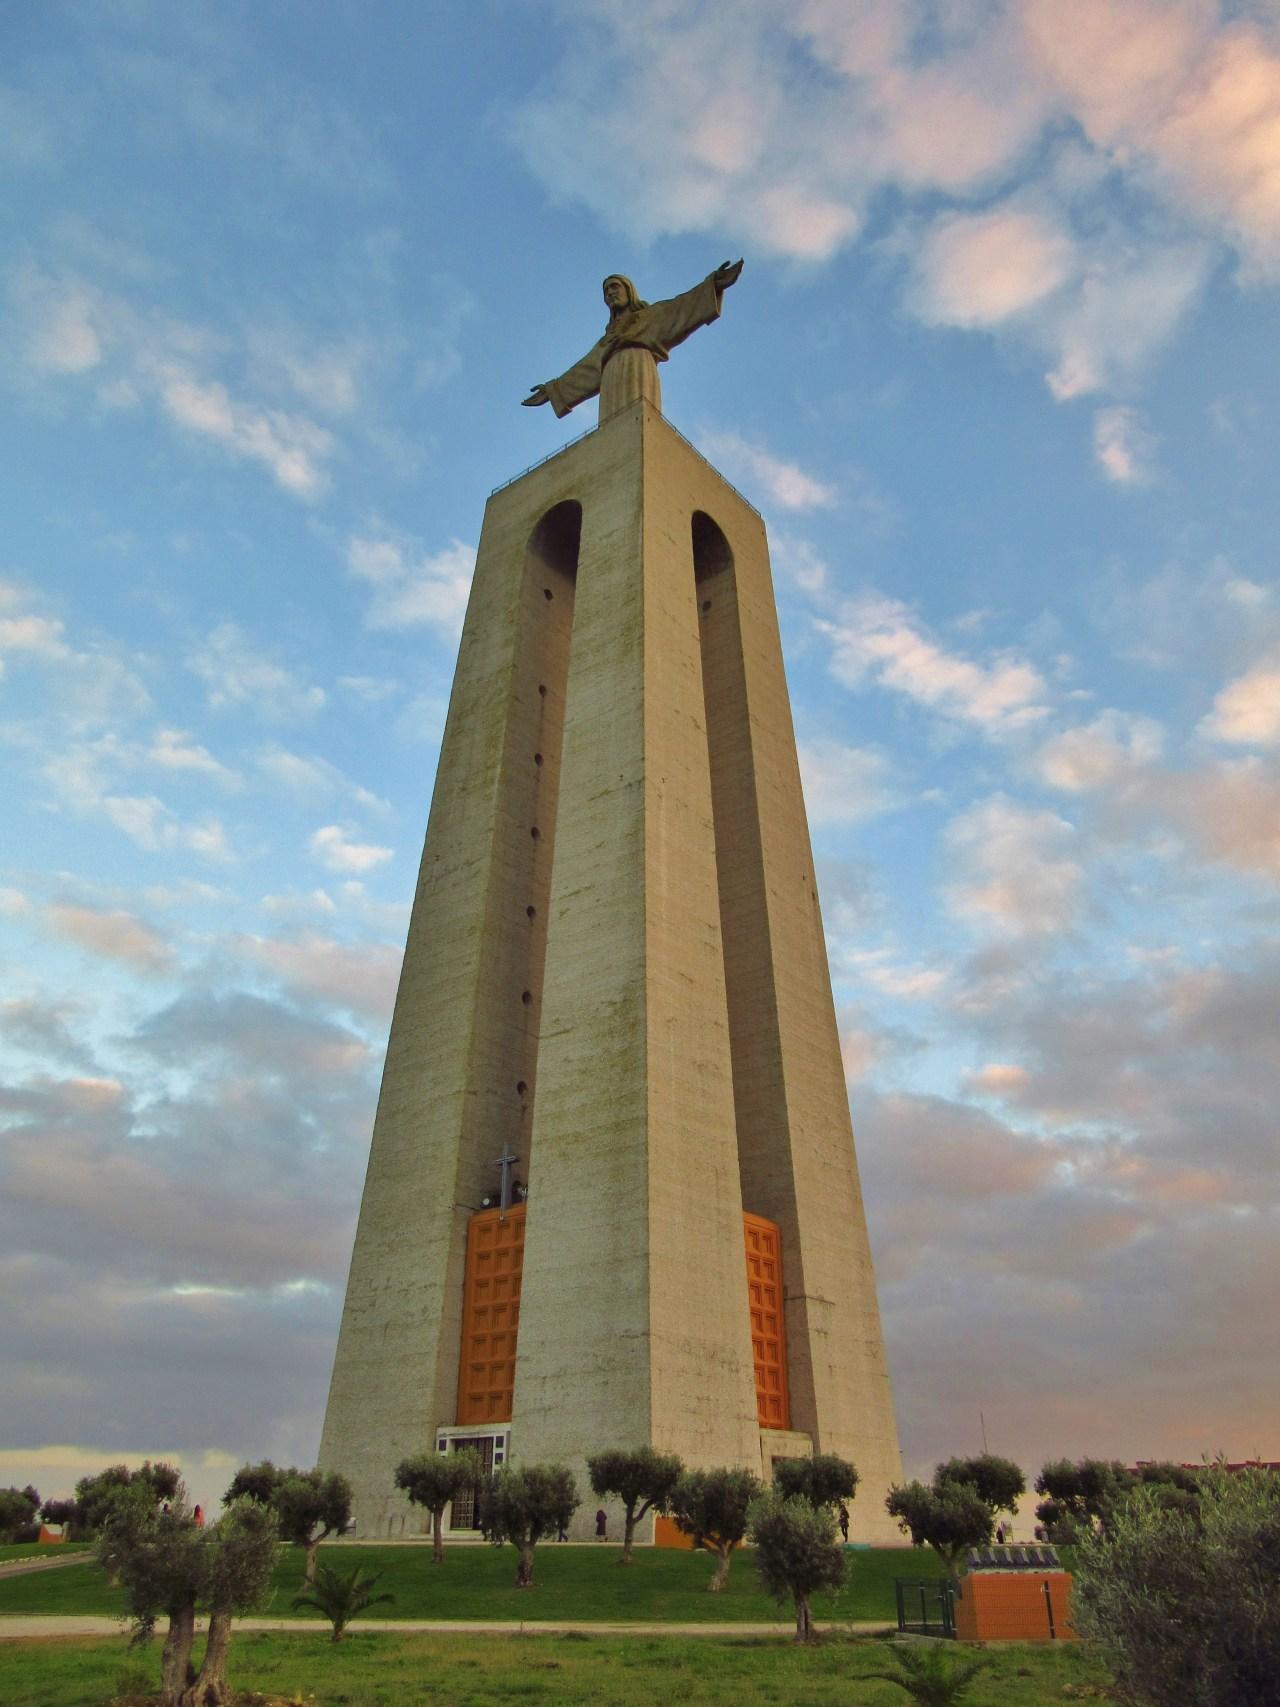 Vista Wallpaper Hd 15 Monumentos Que Nos Enchem De Orgulho Like3za